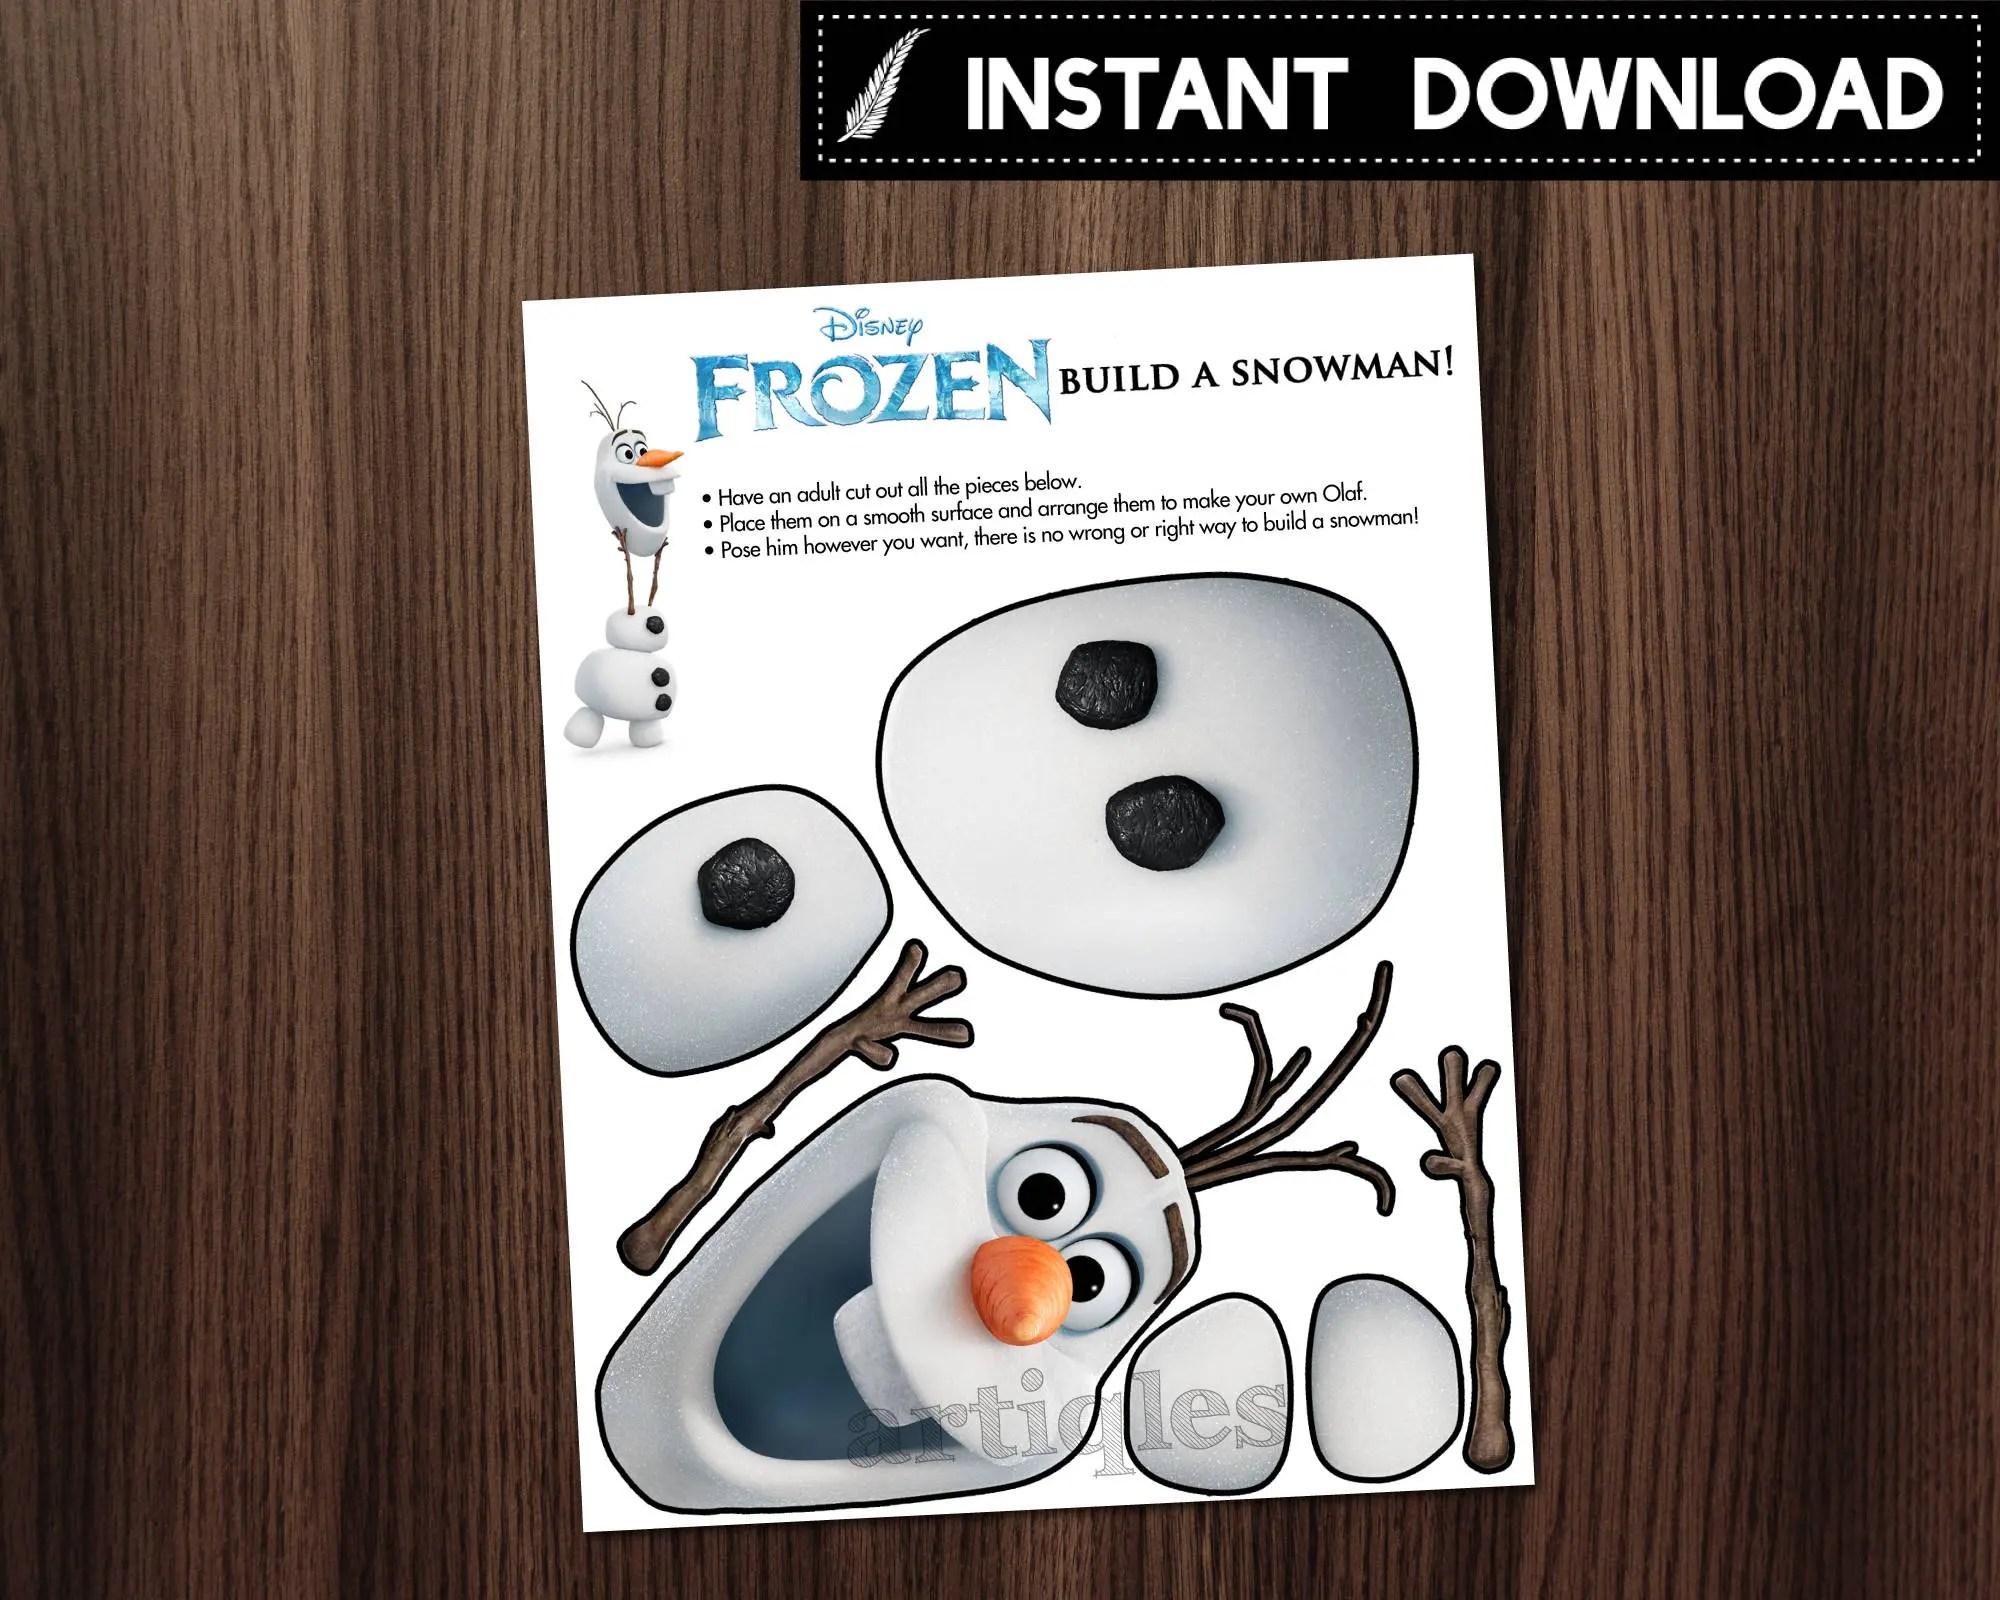 Instant Download Frozen Build A Snowman Olaf Assemble Etsy